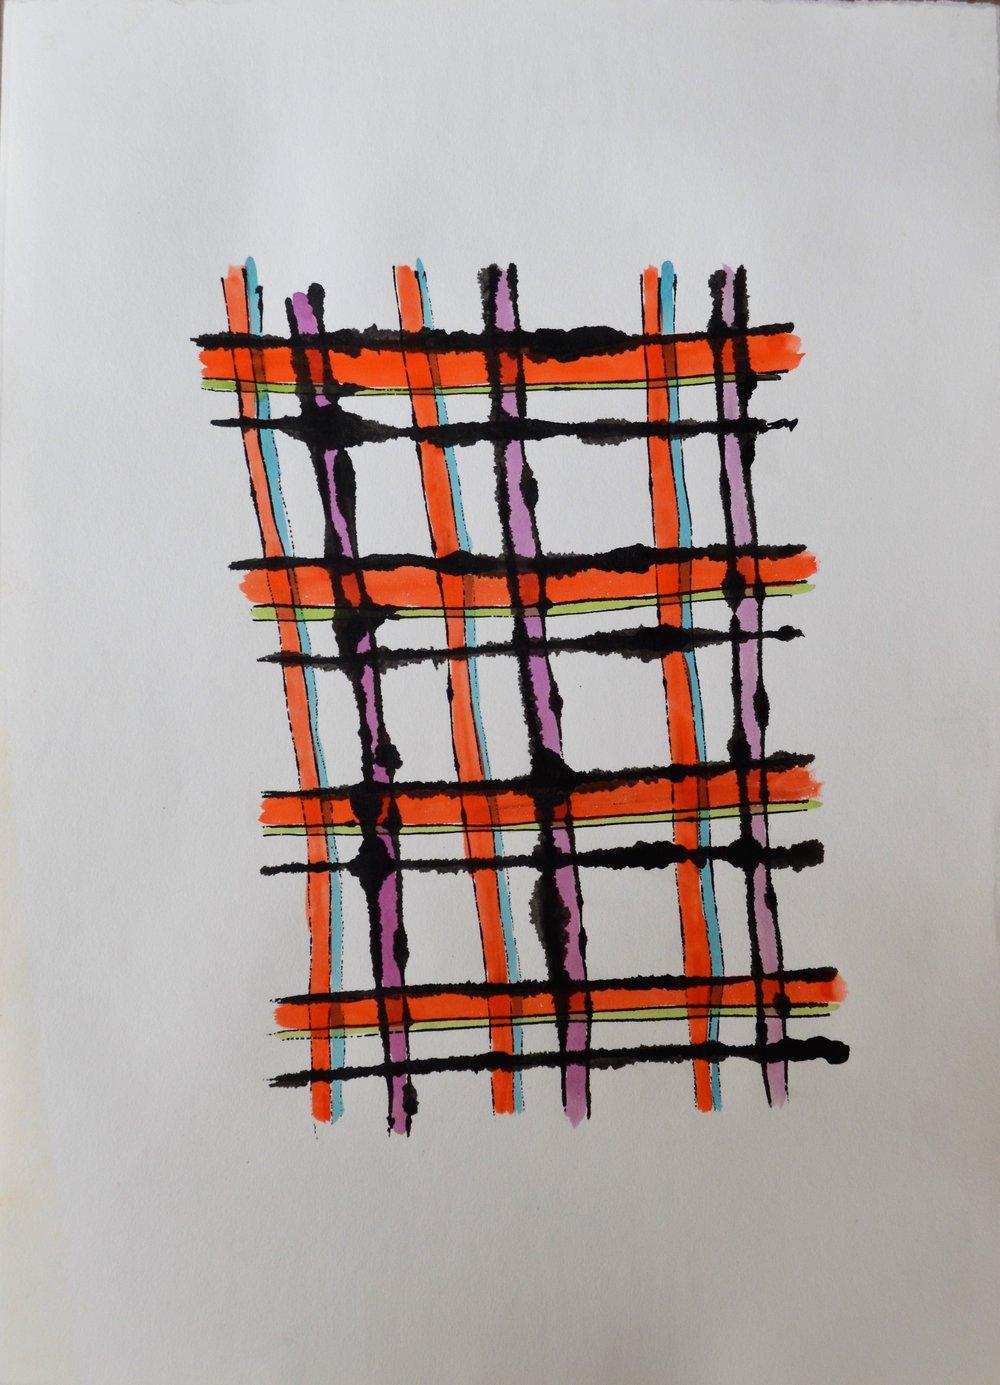 Andy Warhol - Patterns